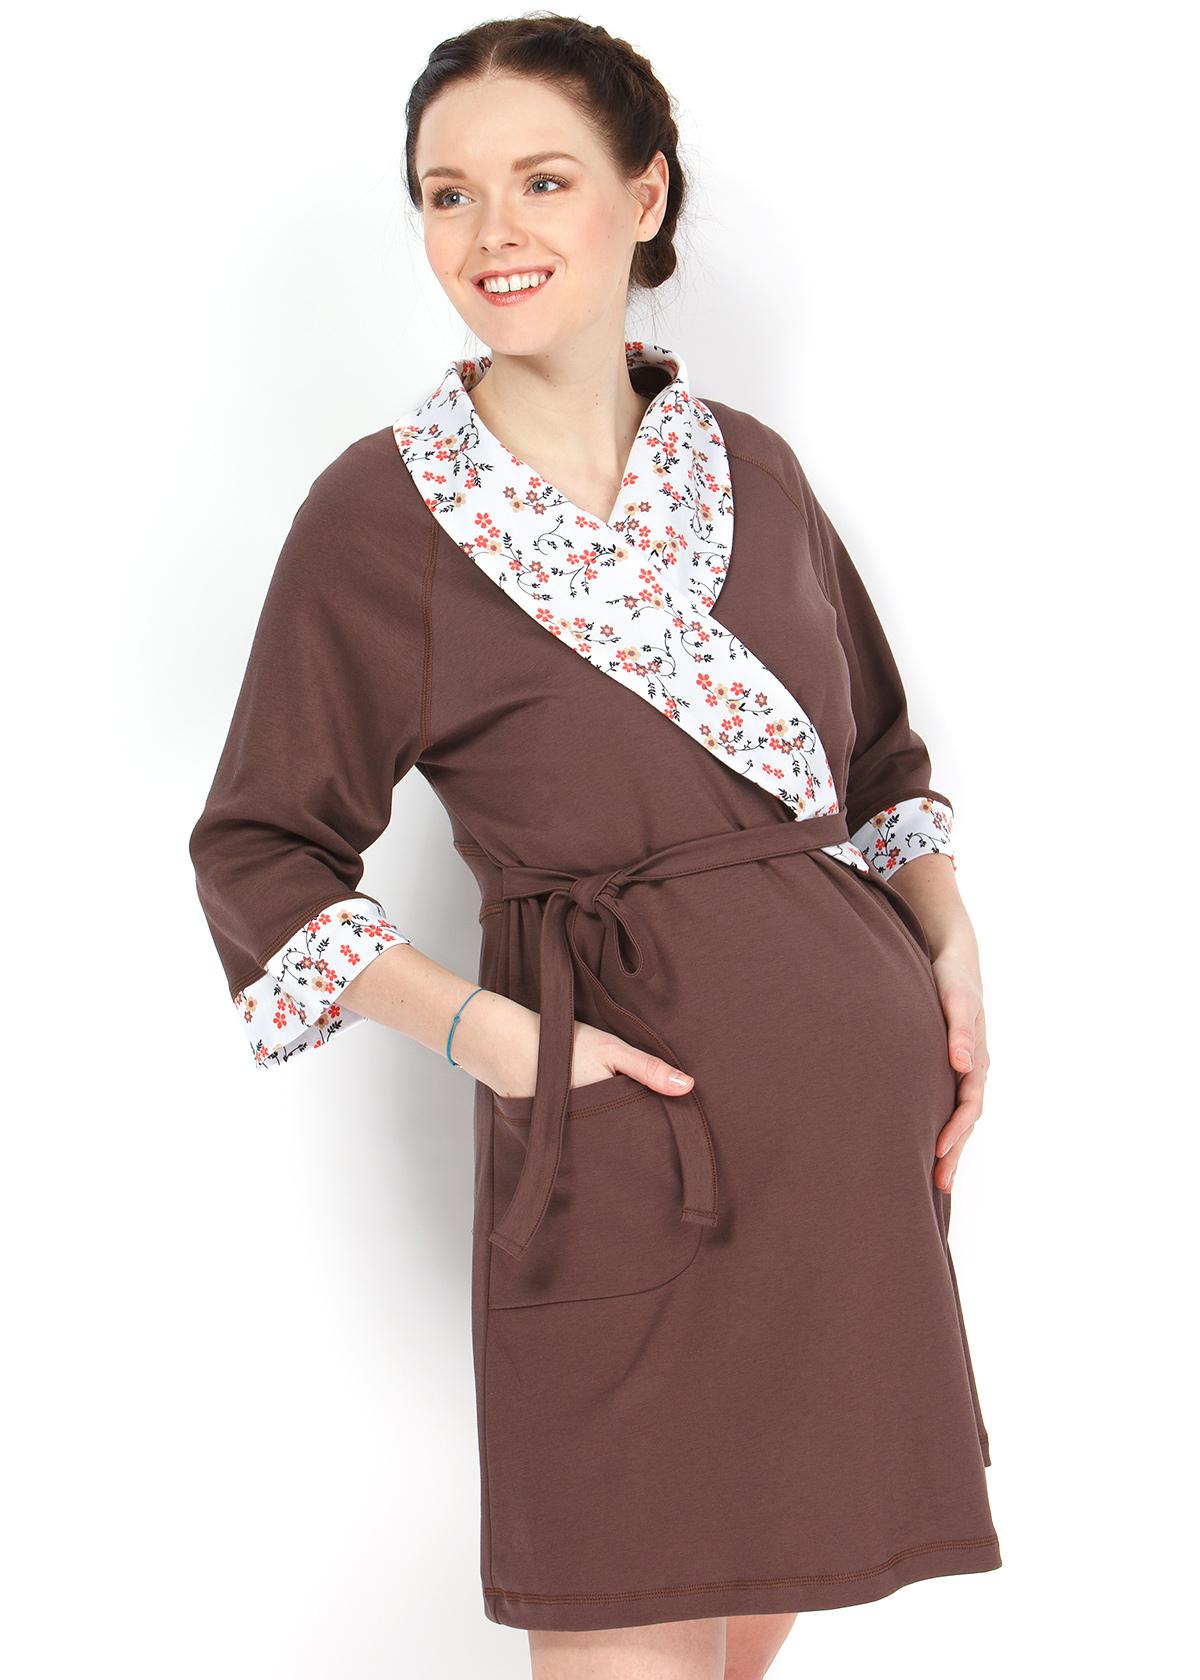 719476d3b308 Комплект для роддома «Амели» (сорочка+халат) для беременных и кормящих,